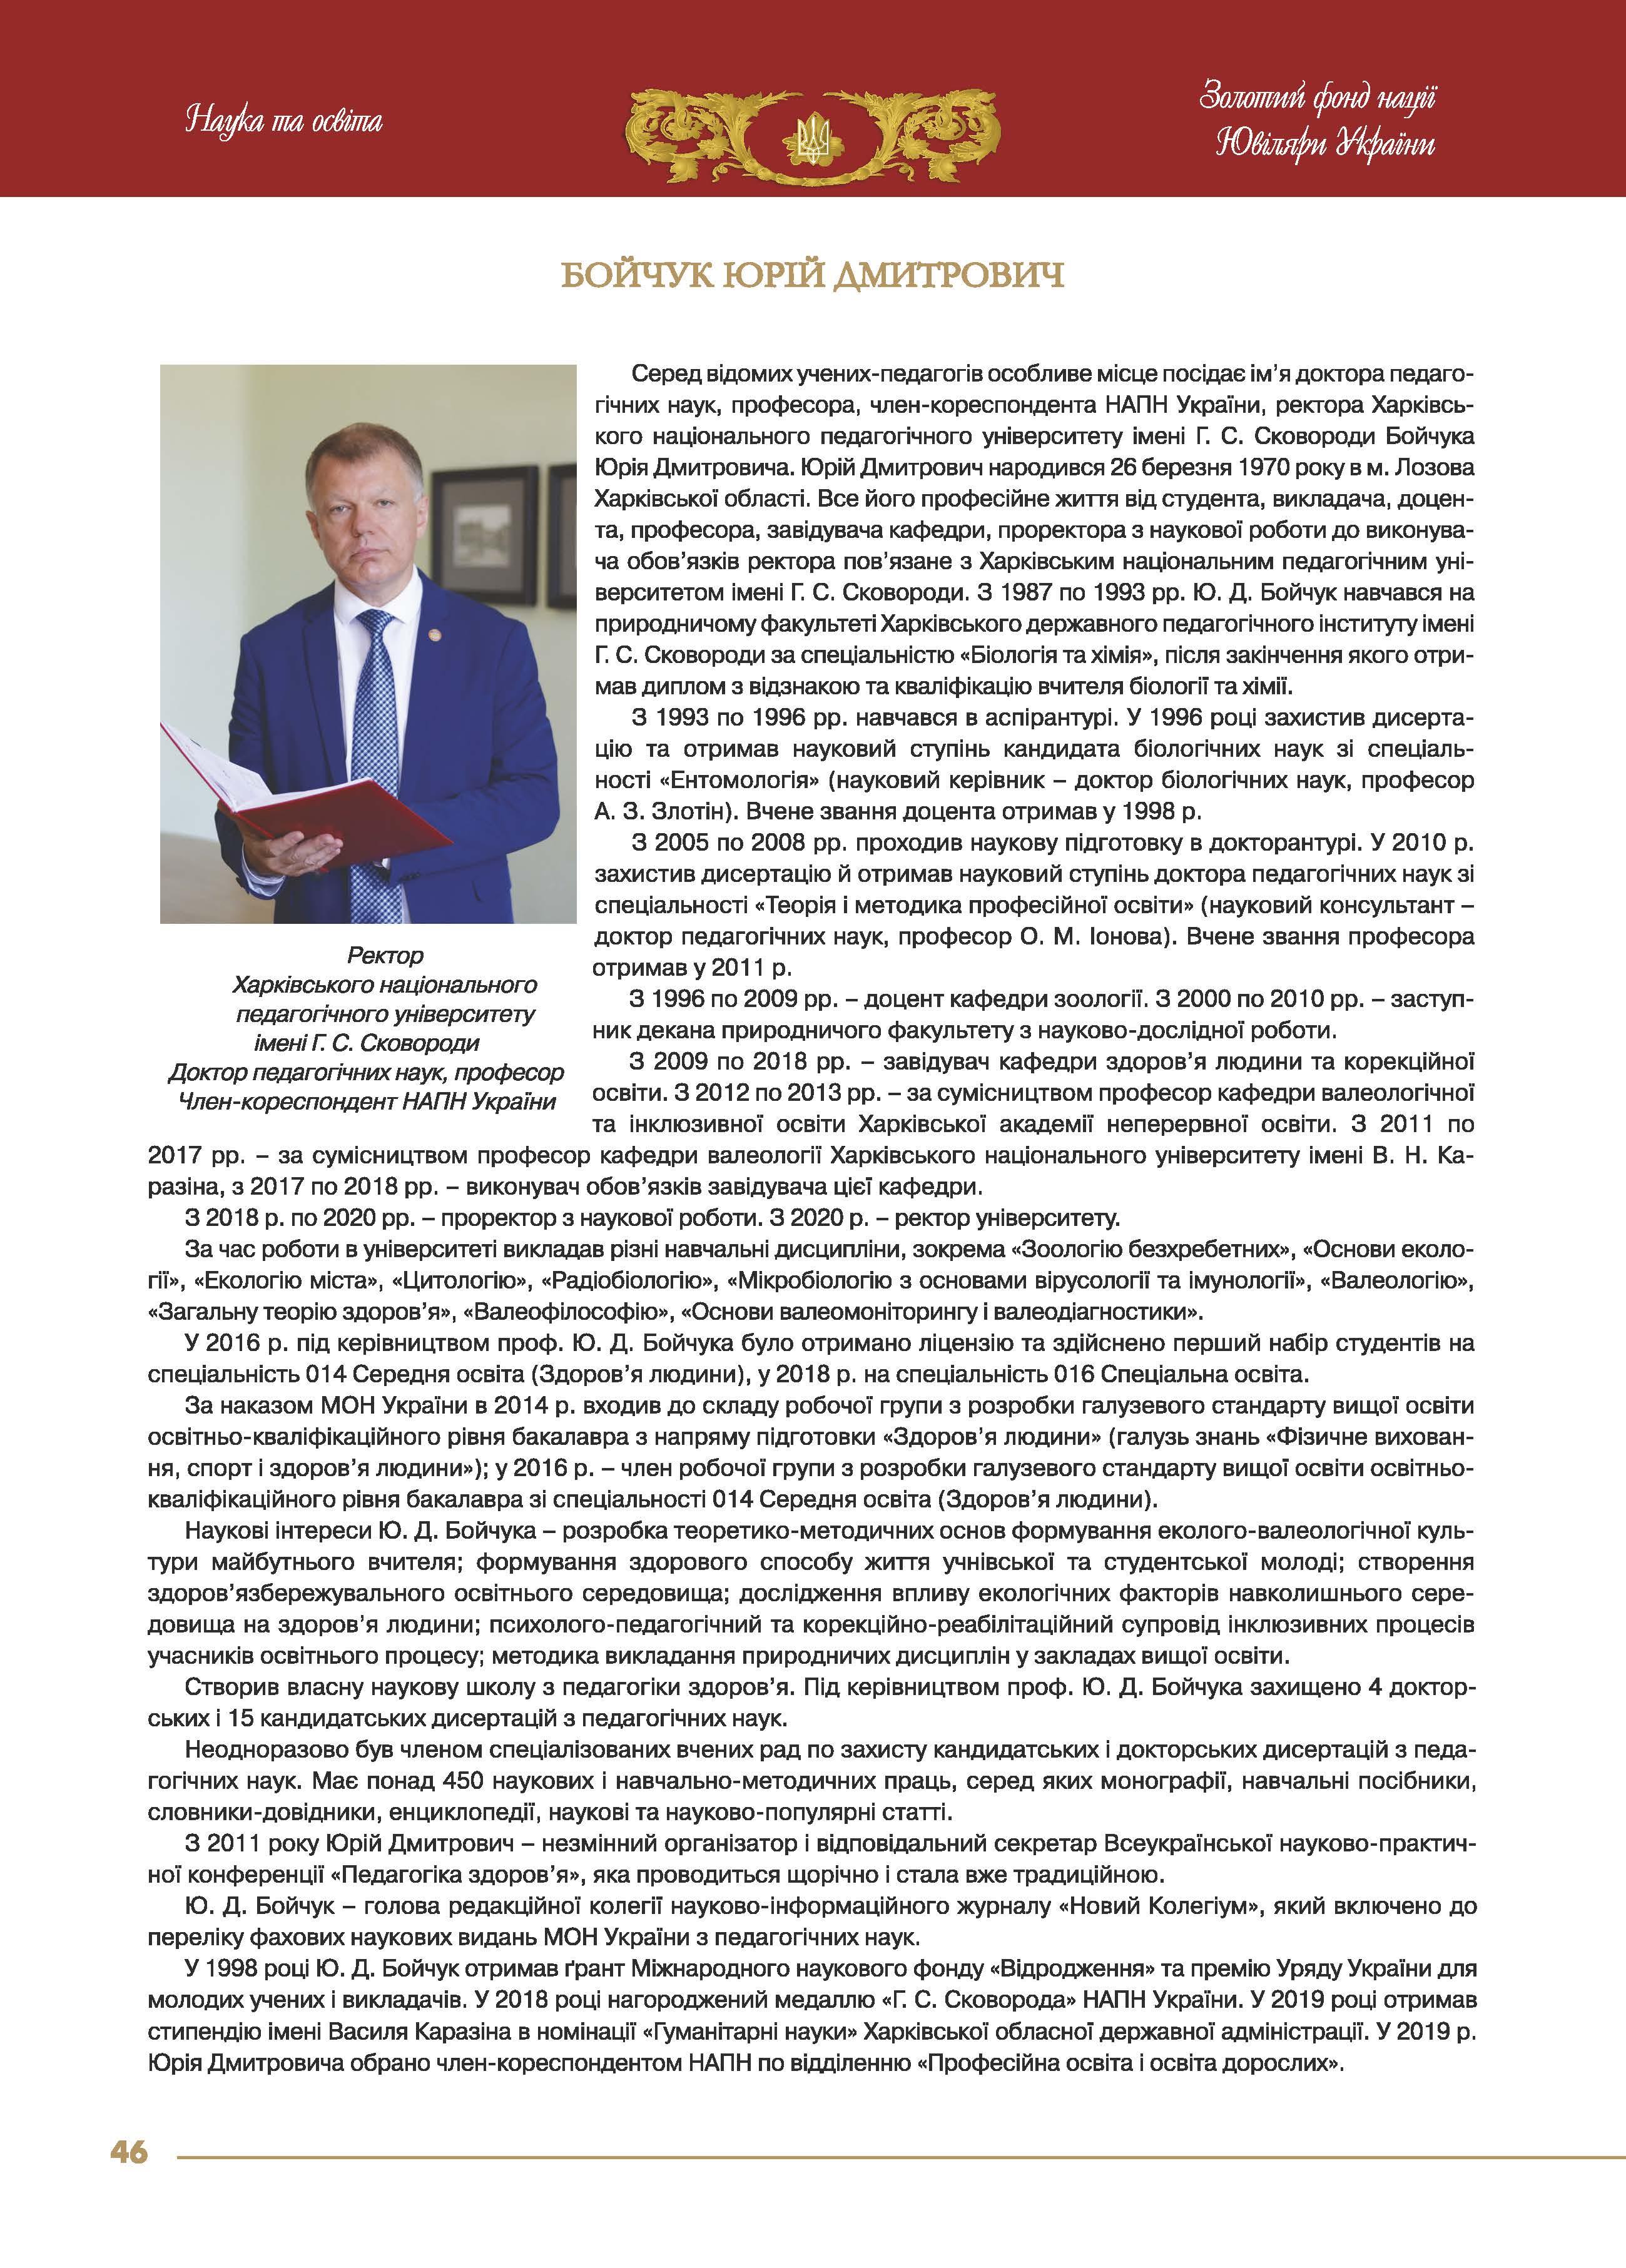 Бойчук Юрій Дмитрович